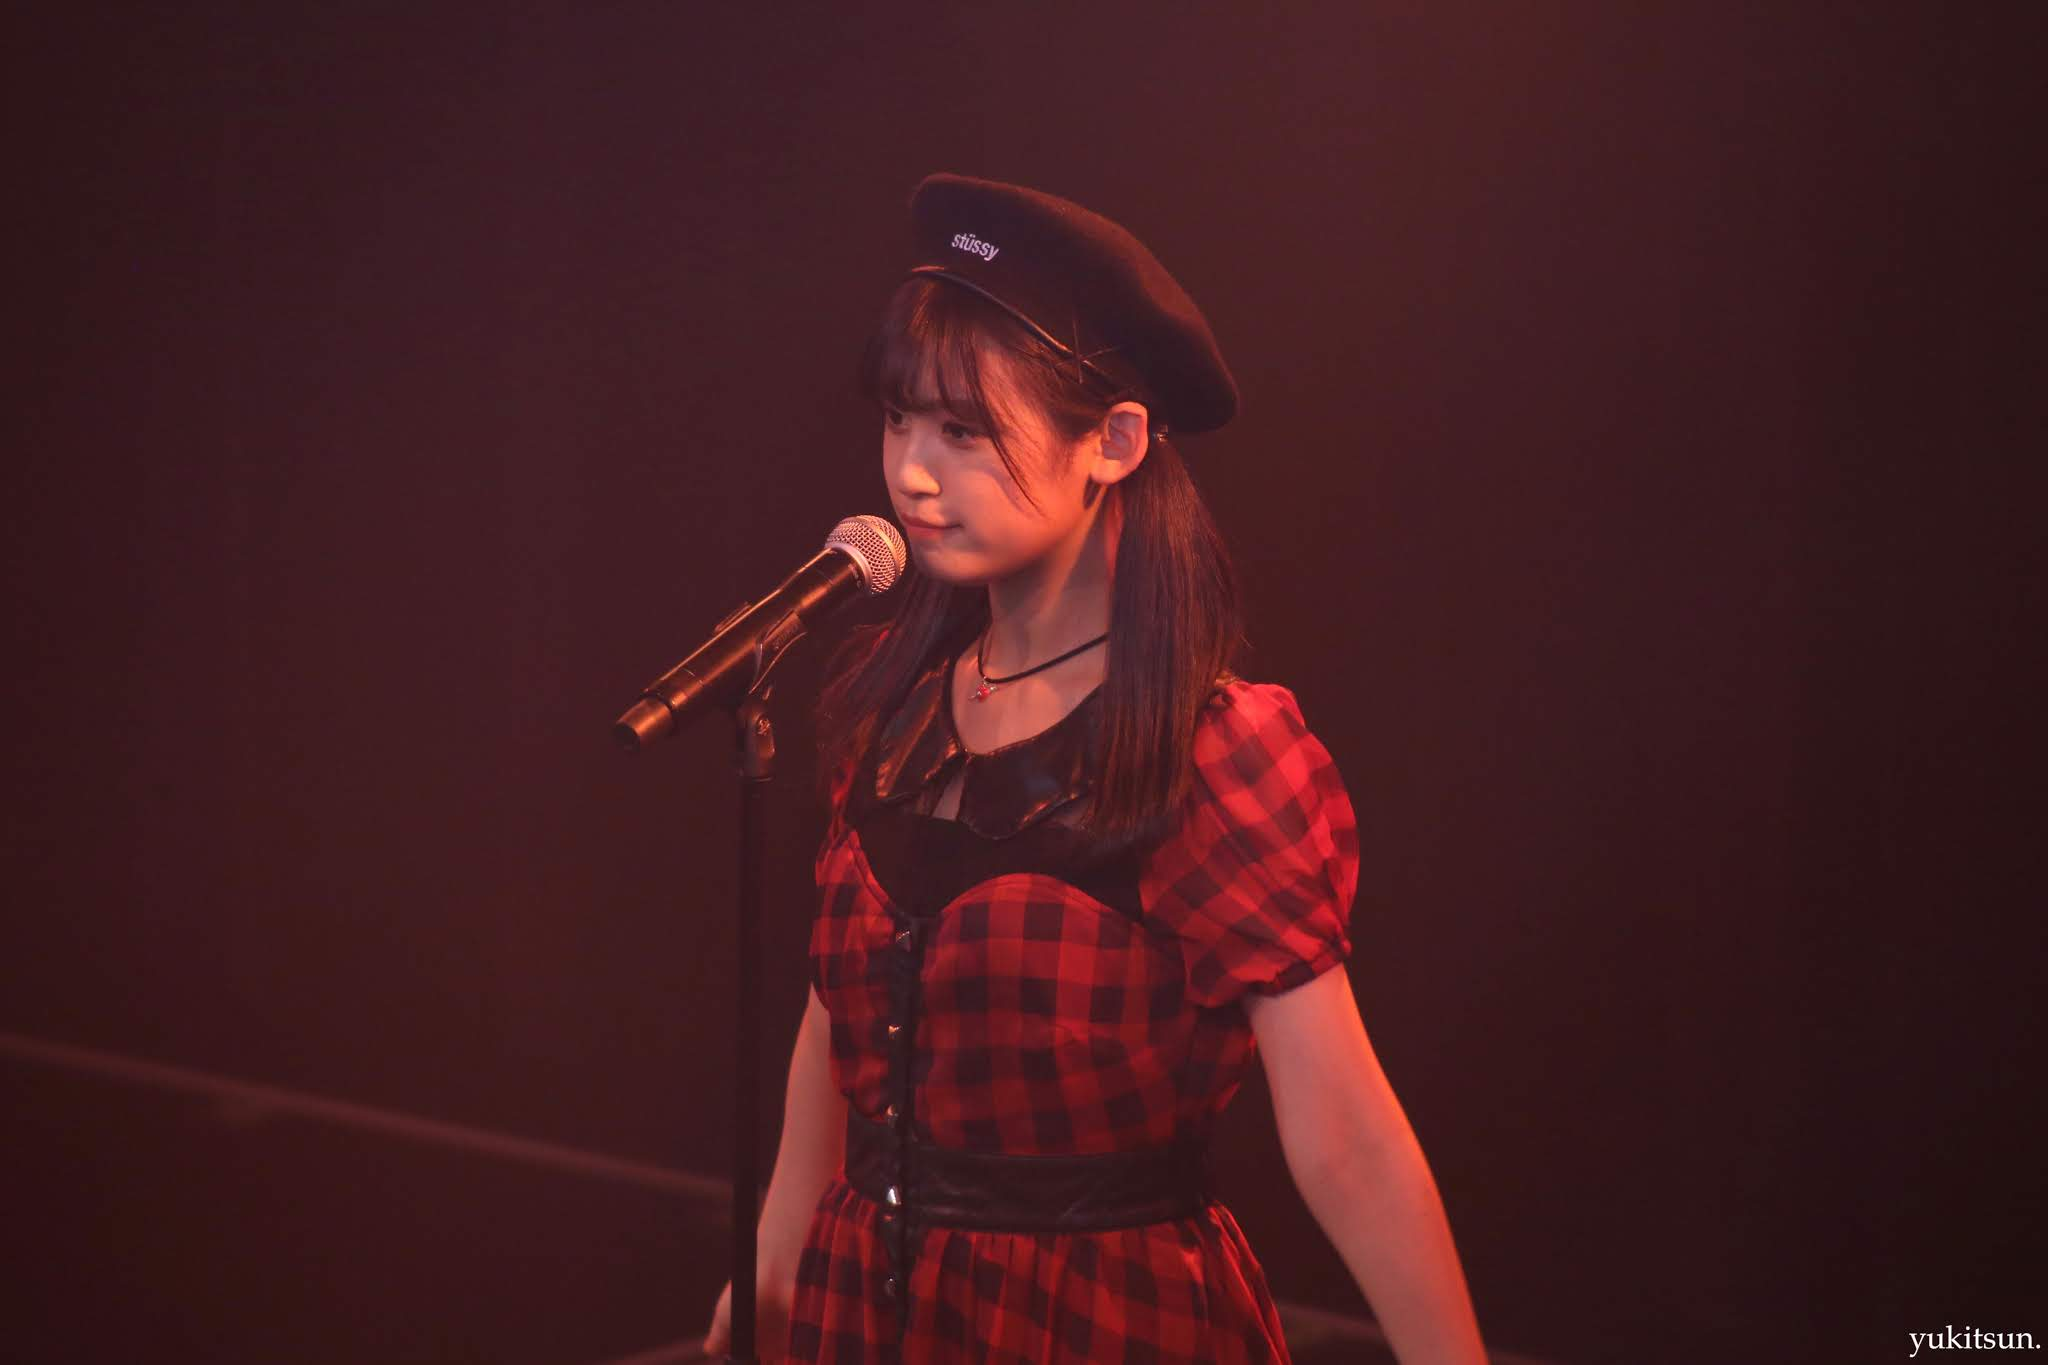 shinjidai-65